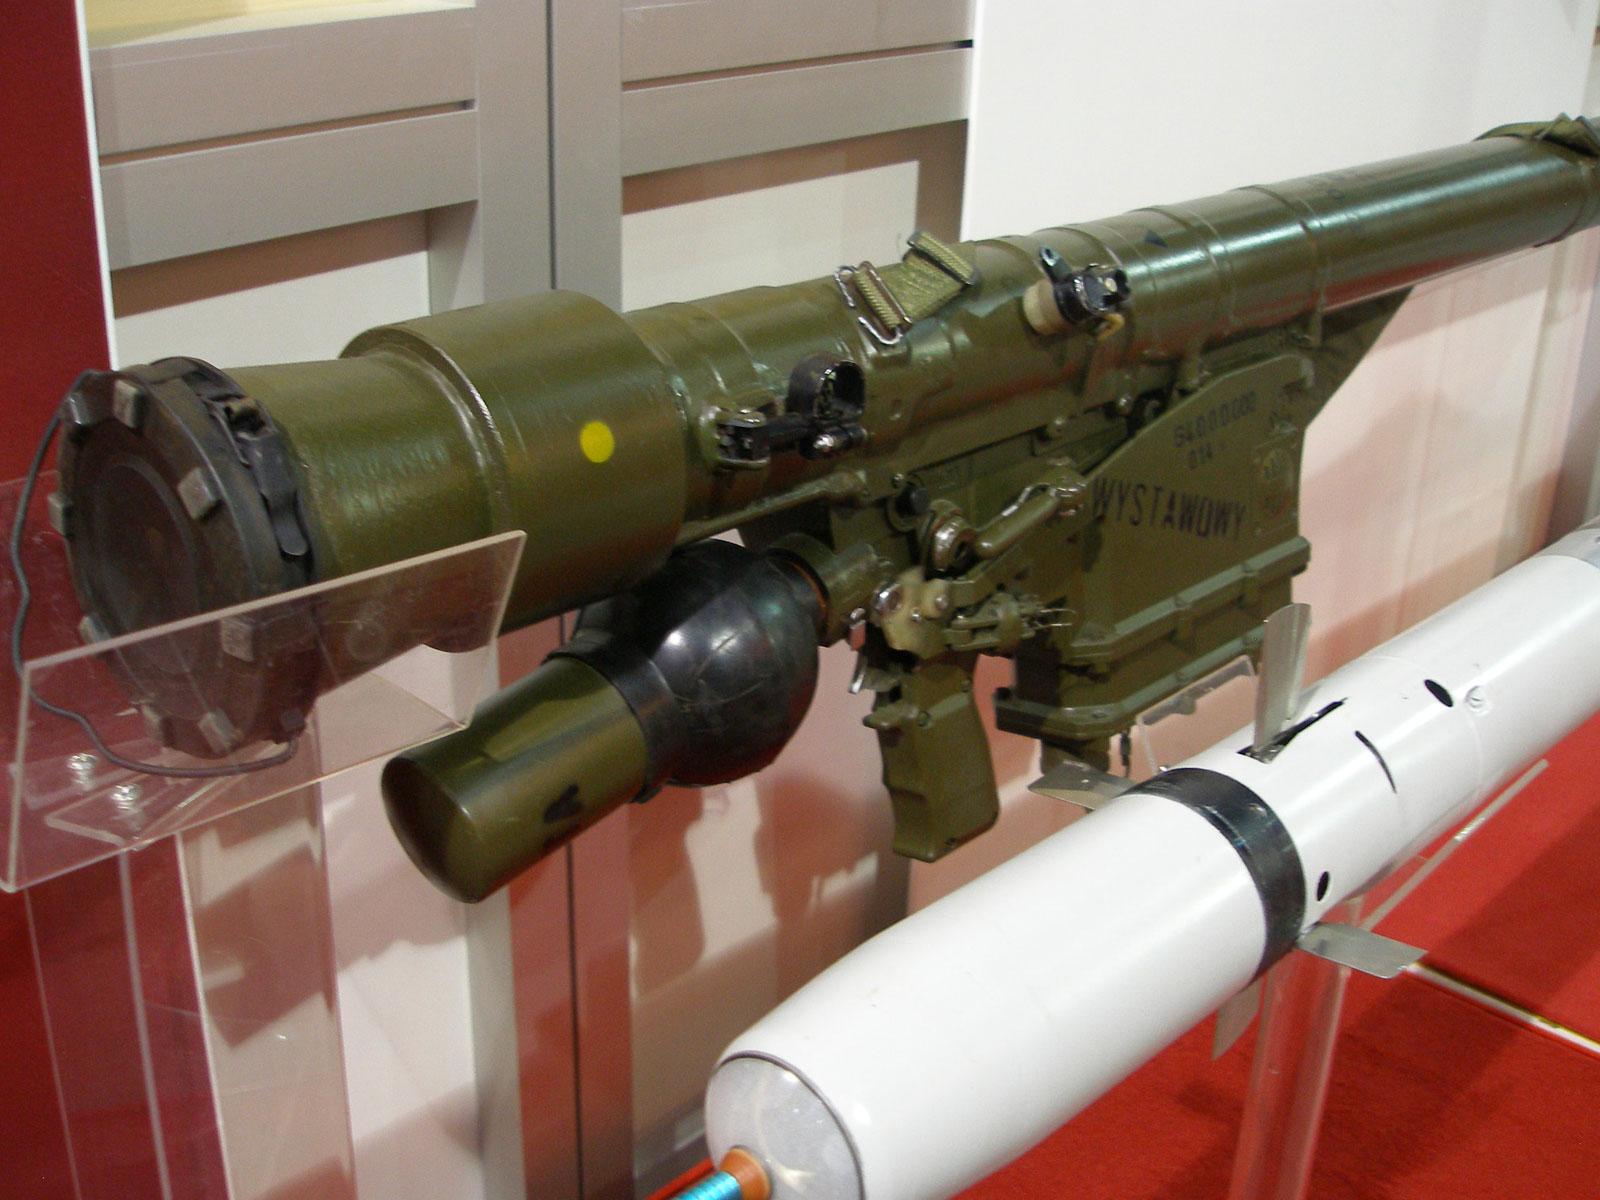 ქართულ არმიას მოძველებული Cy-25 მოიერიშების და MI-24 ტიპის საბრძოლო შვეულფრენებზე მეტად გადასატანი საზენიტო სარაკეტო კომპლექსები სჭირდება